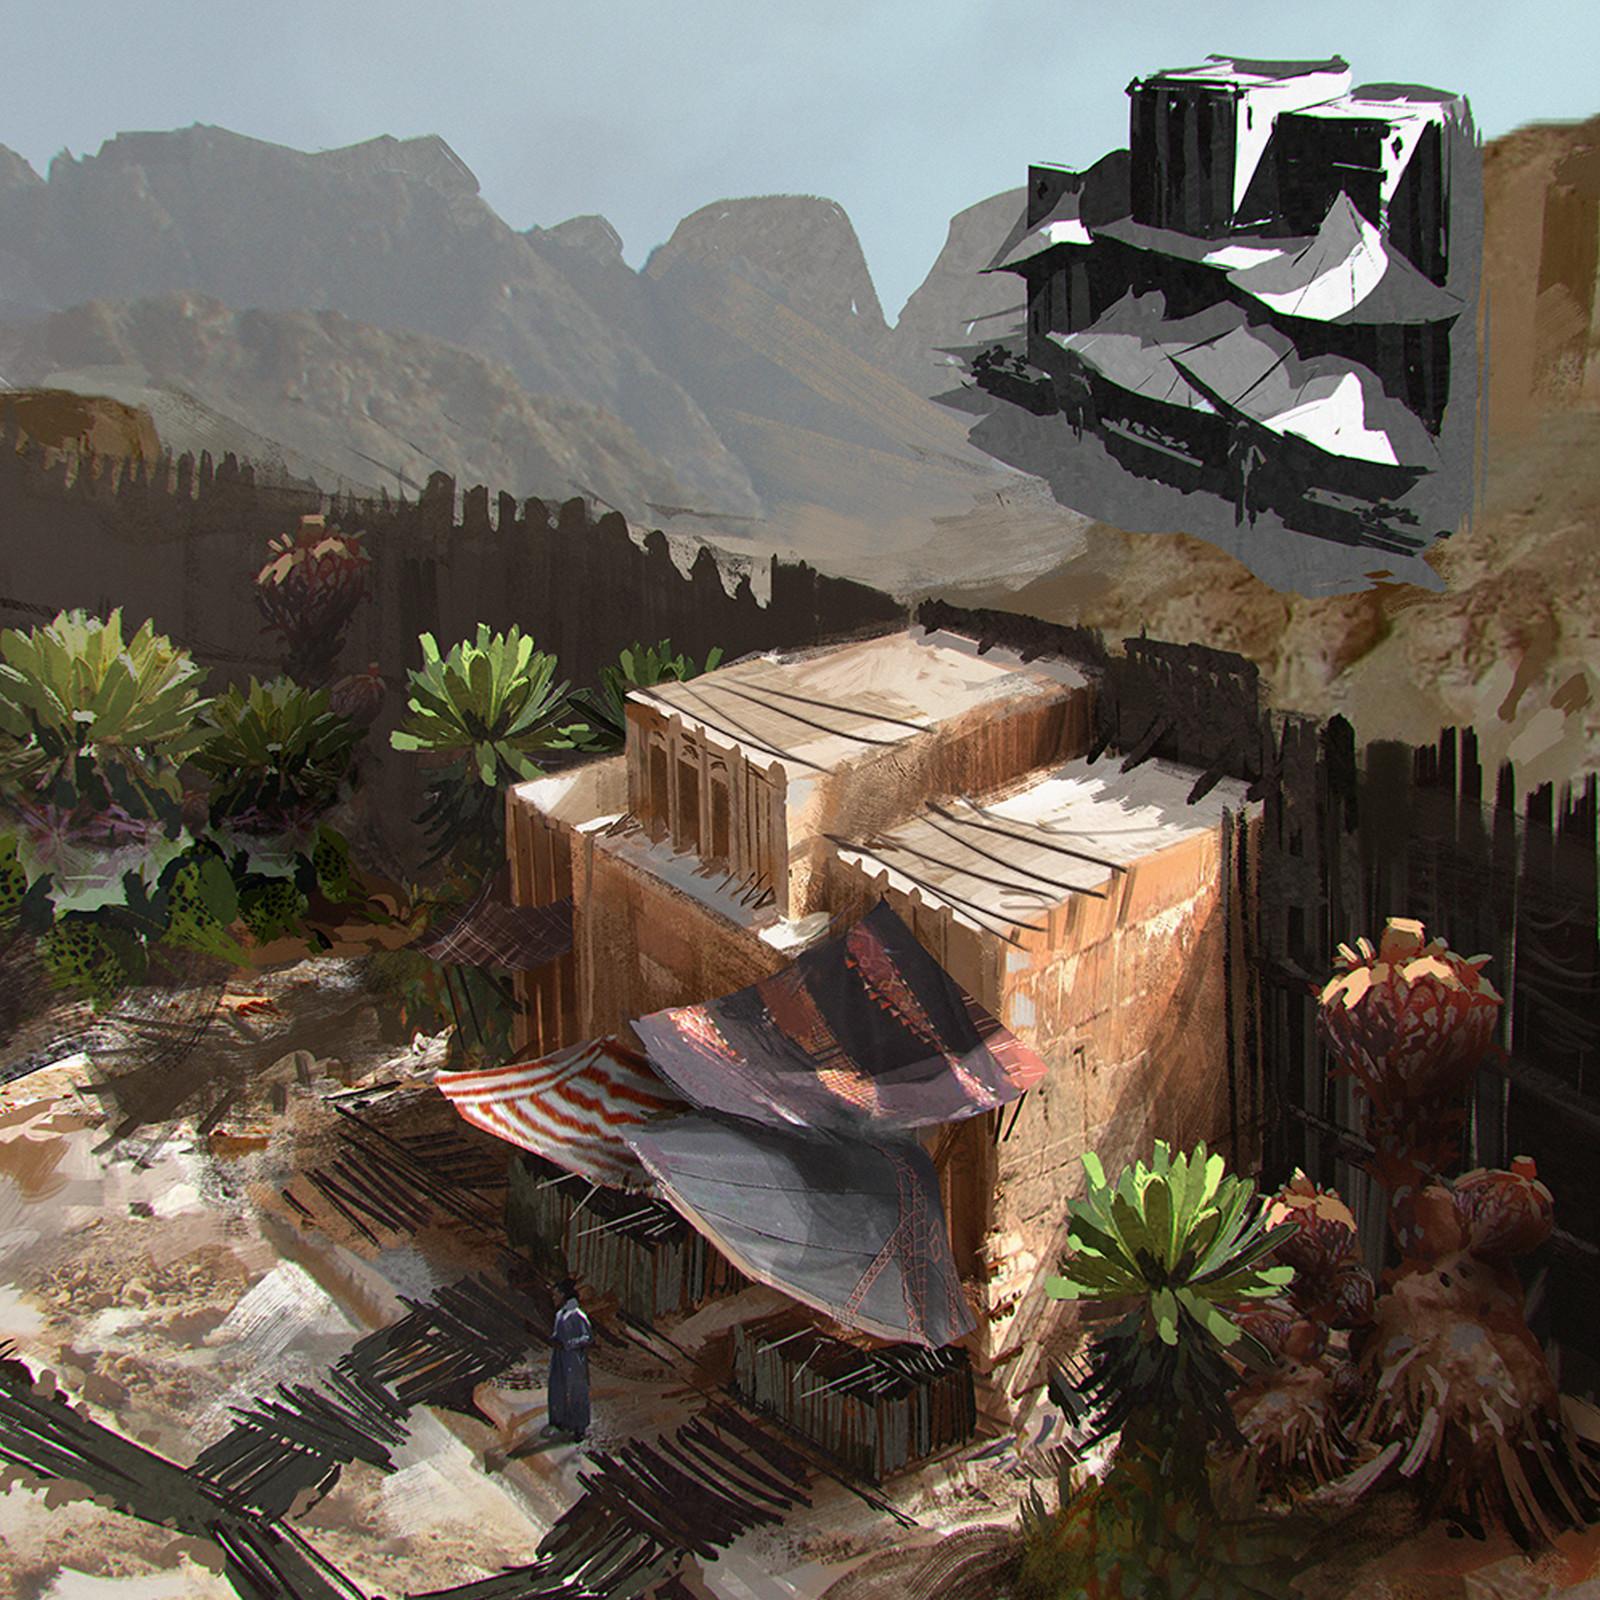 Environment Concept Art | Desert